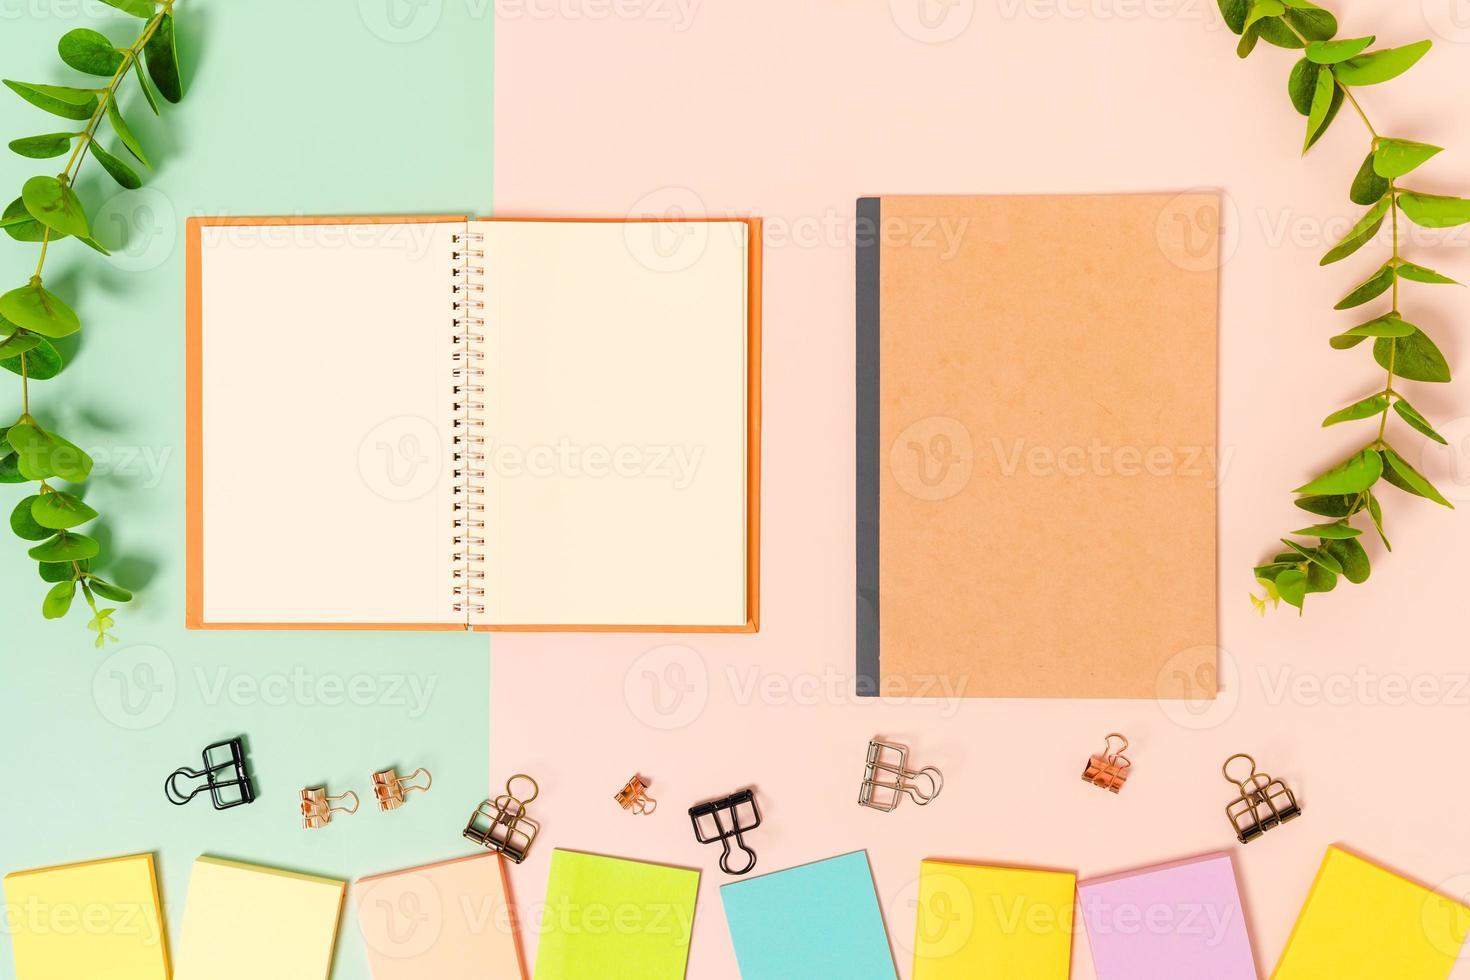 Foto creativa plana del escritorio del espacio de trabajo. Escritorio de oficina de vista superior con nota adhesiva y cuaderno negro de maqueta abierta sobre fondo de color rosa verde pastel. vista superior maqueta con fotografía de espacio de copia.